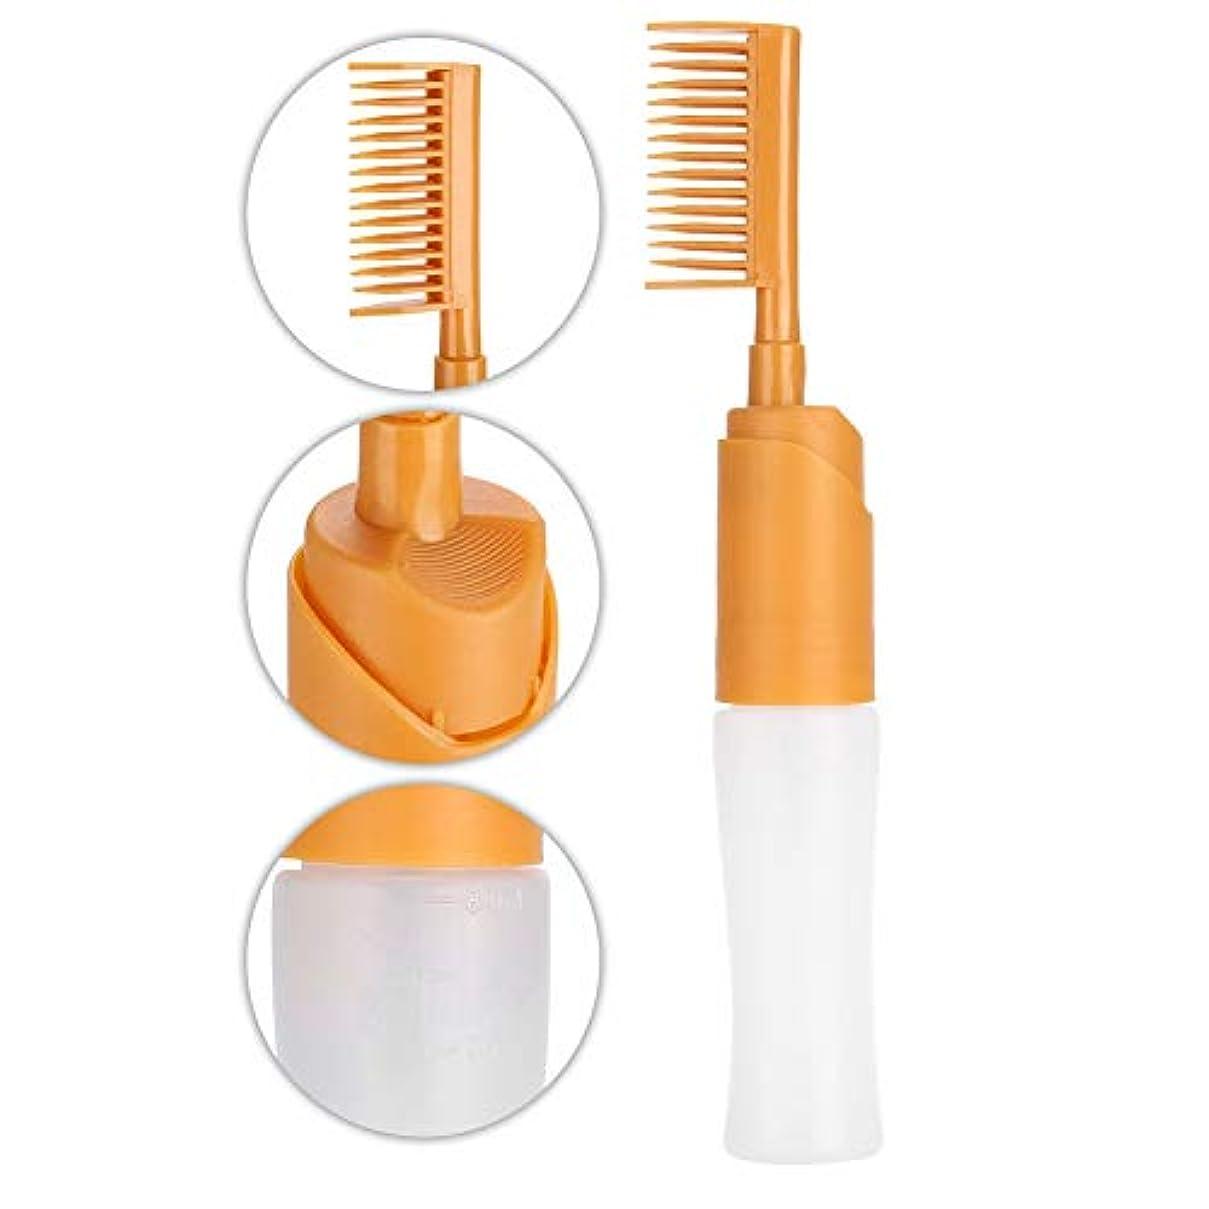 石鹸理想的スロット80ミリリットルヘアダイボトル付き目盛り付きスケールヘッド理髪着色染料プロフェッショナル理髪ツール